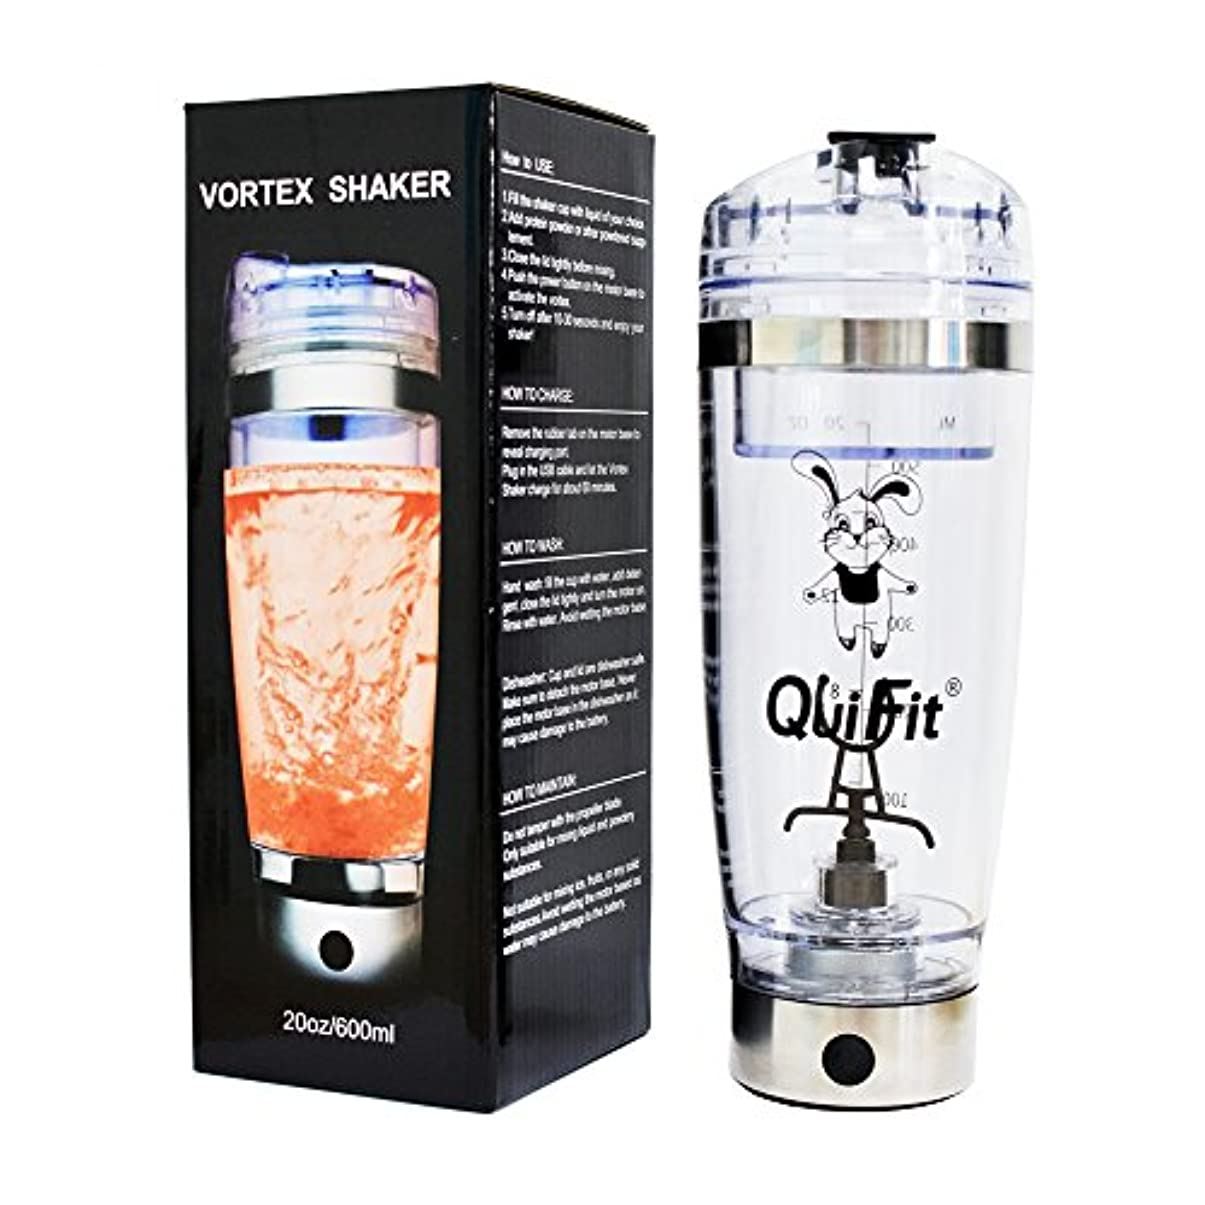 あご回復するゆり電気タンパク質振動瓶、QuiFit 20 OZ USB充電式タンパク質スクロールカップ、パウダーシェイクに適した電動ポータブル自動ミキサー、100%リーク防止保証 - BPAなし (600ml)